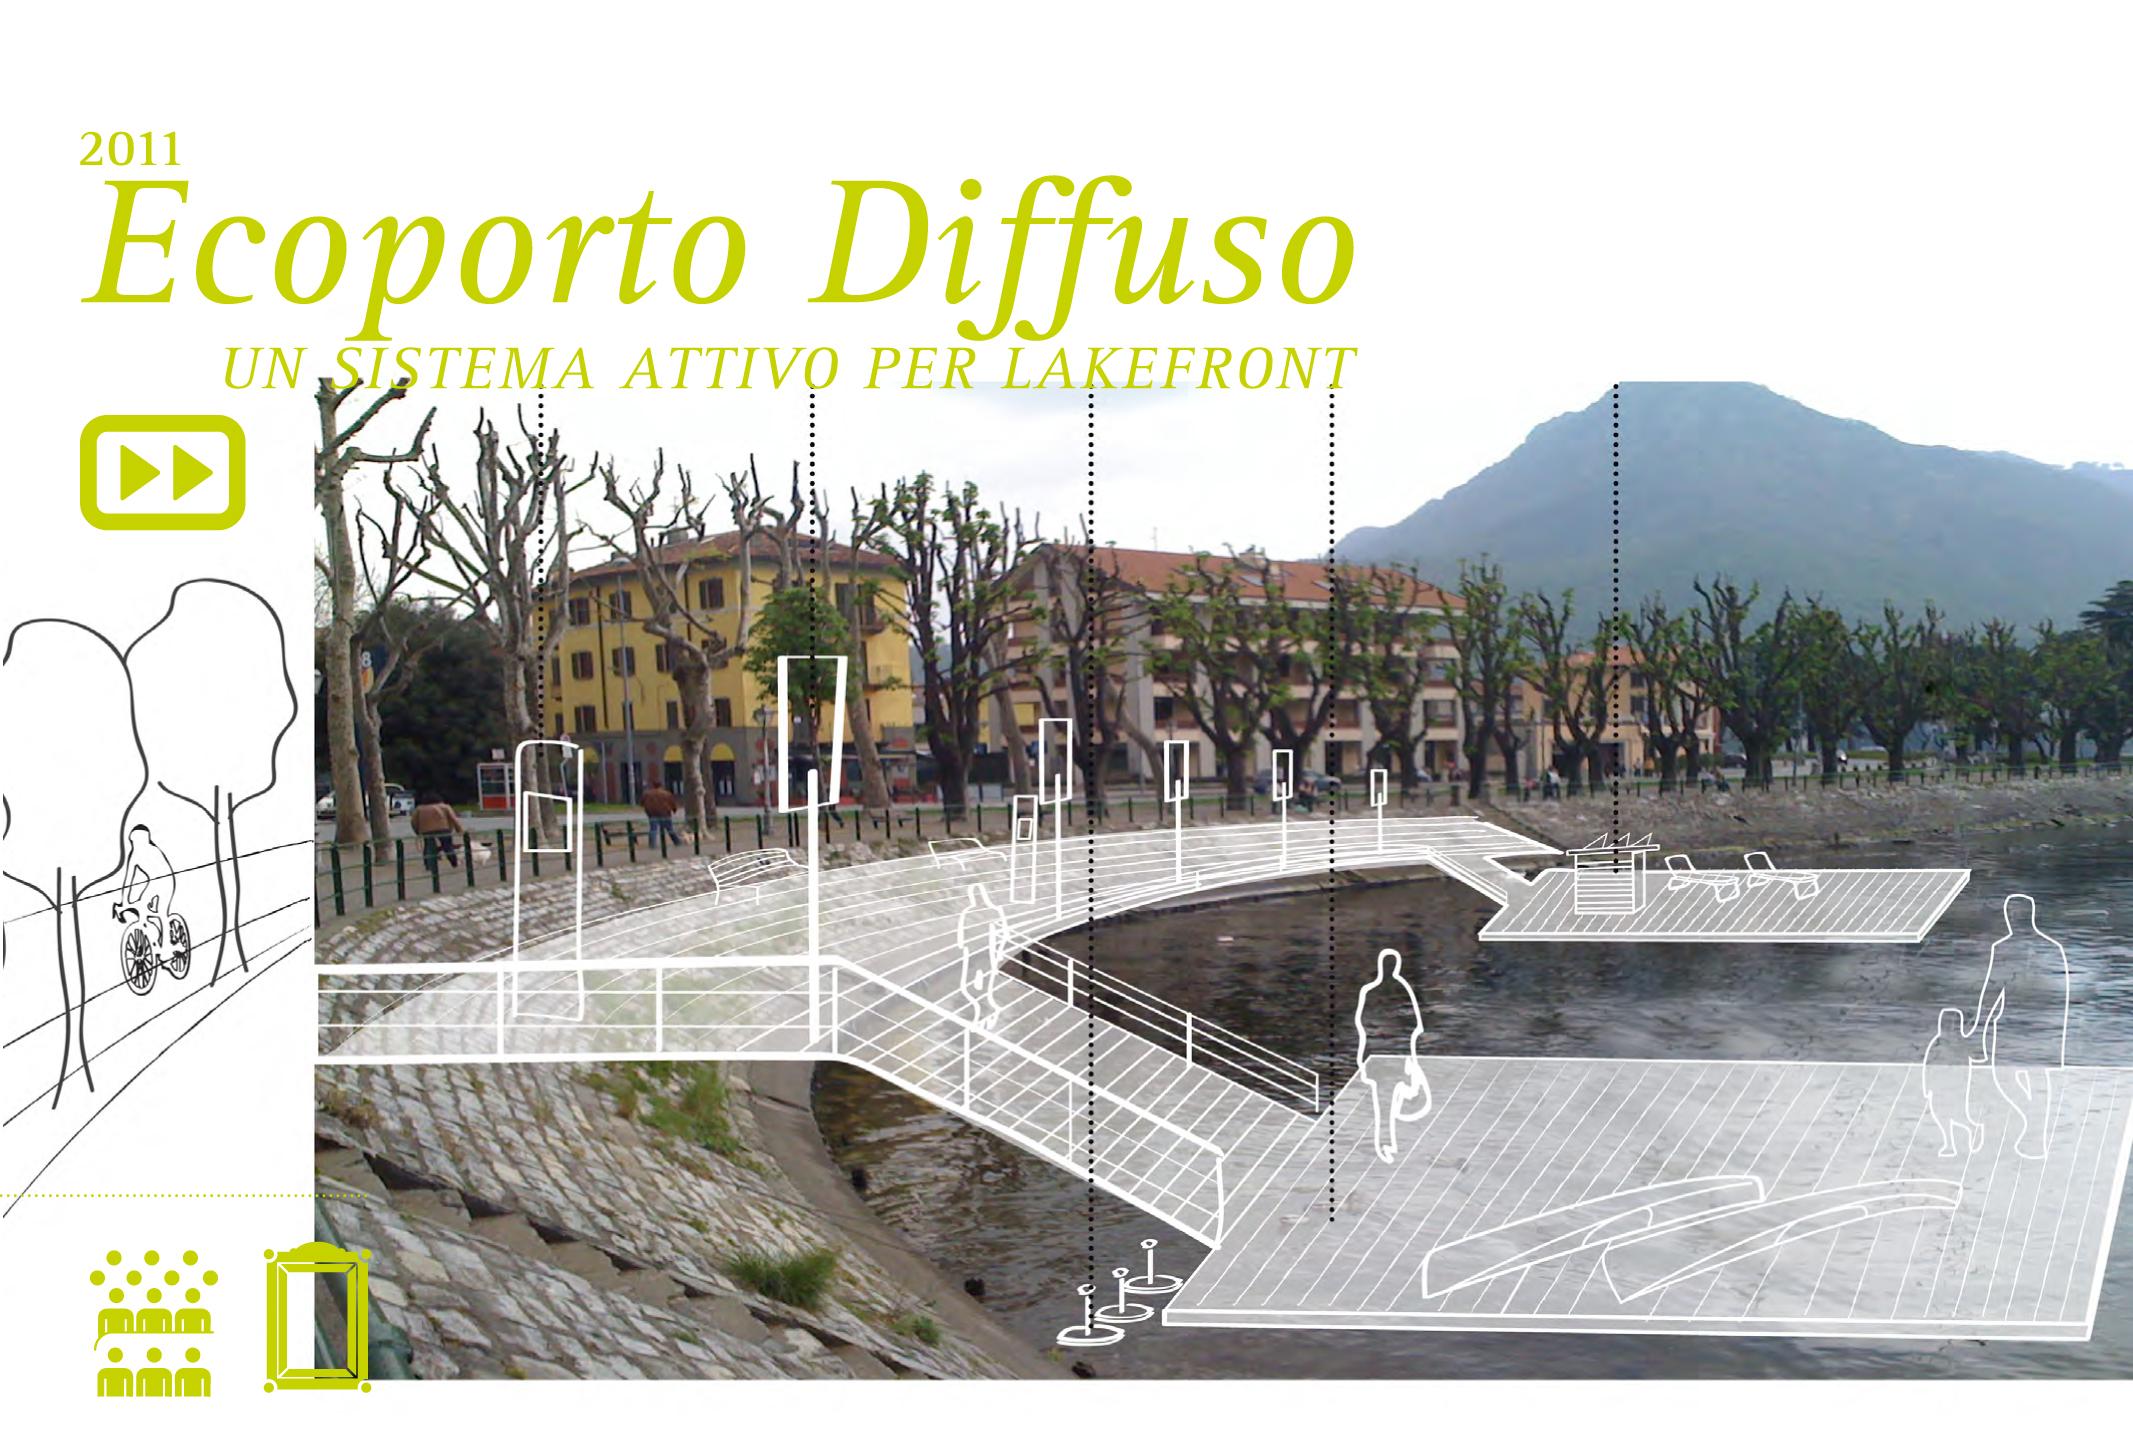 Ecoporto diffuso 1